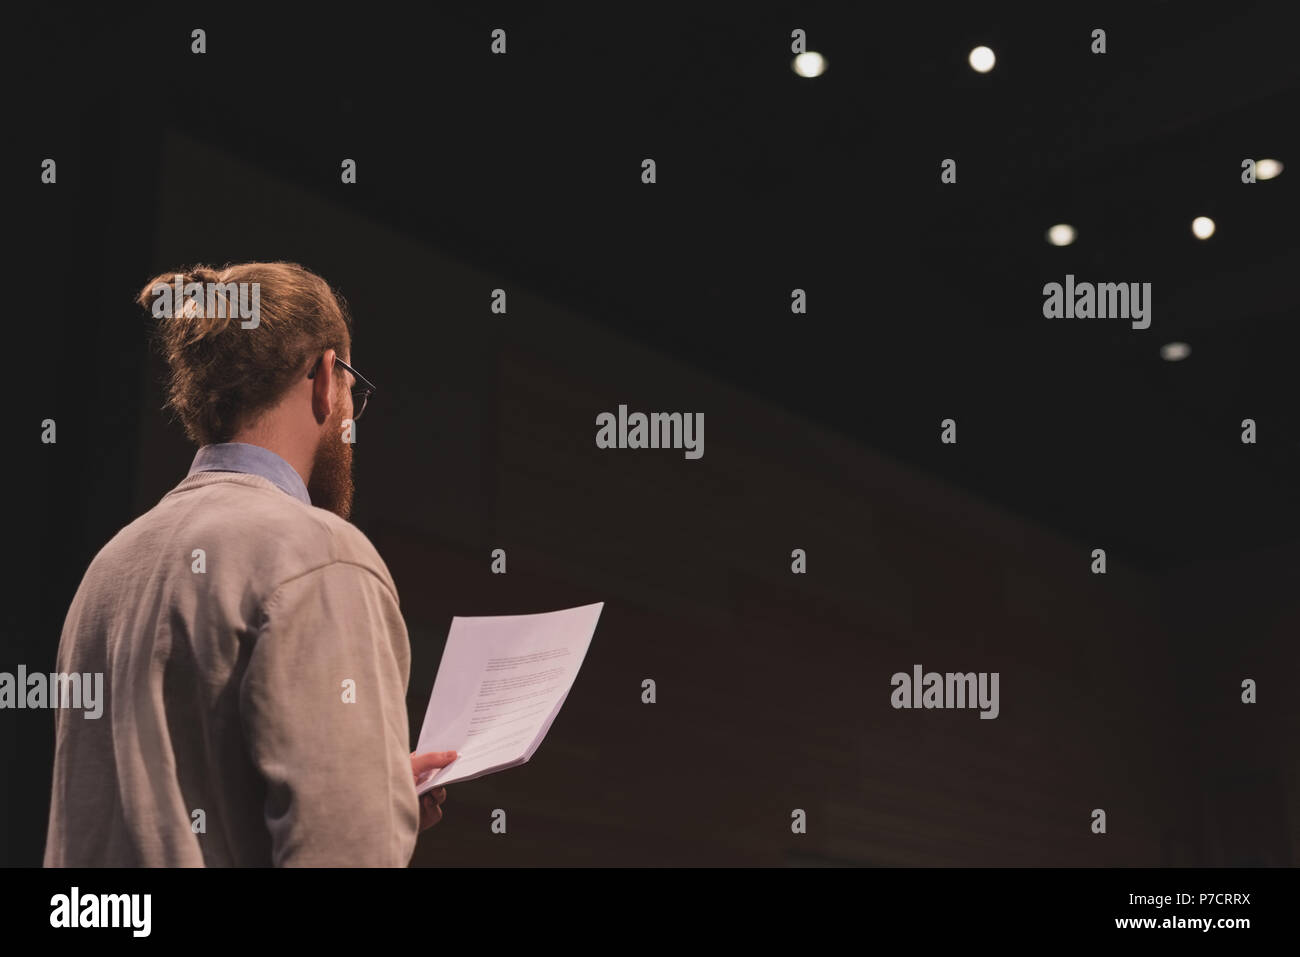 Männliche Schauspieler lesen Skript auf der Bühne Stockbild